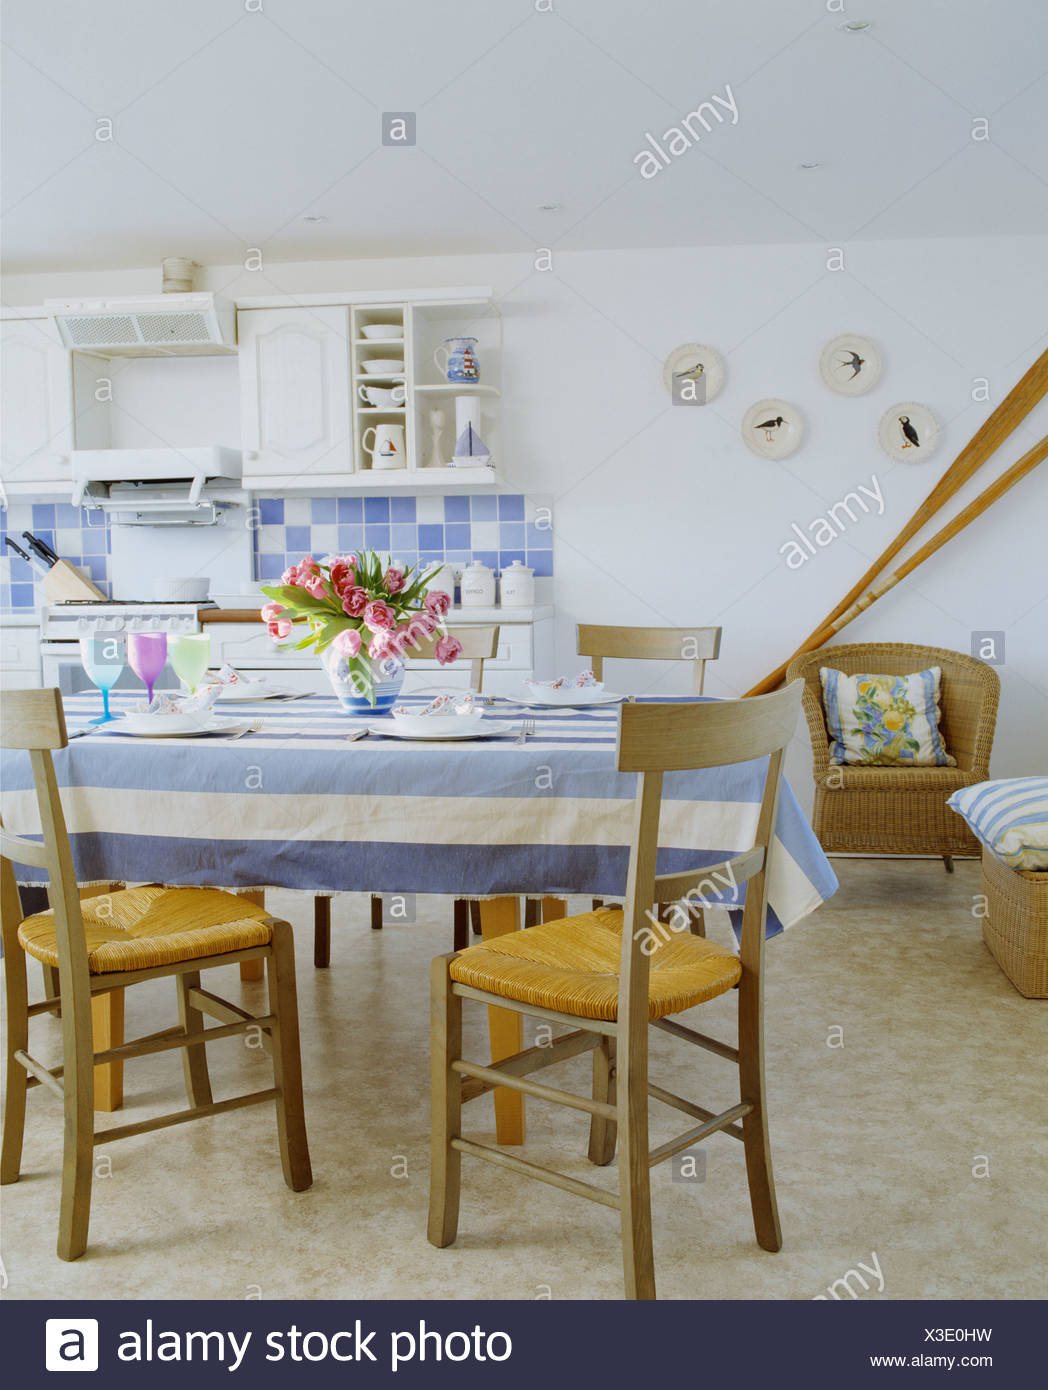 Blau weiss gestreiften tuch auf dem tisch mit stuhlen rush sitzen 18 great granitboden k che - Tisch mit stuhlen ...